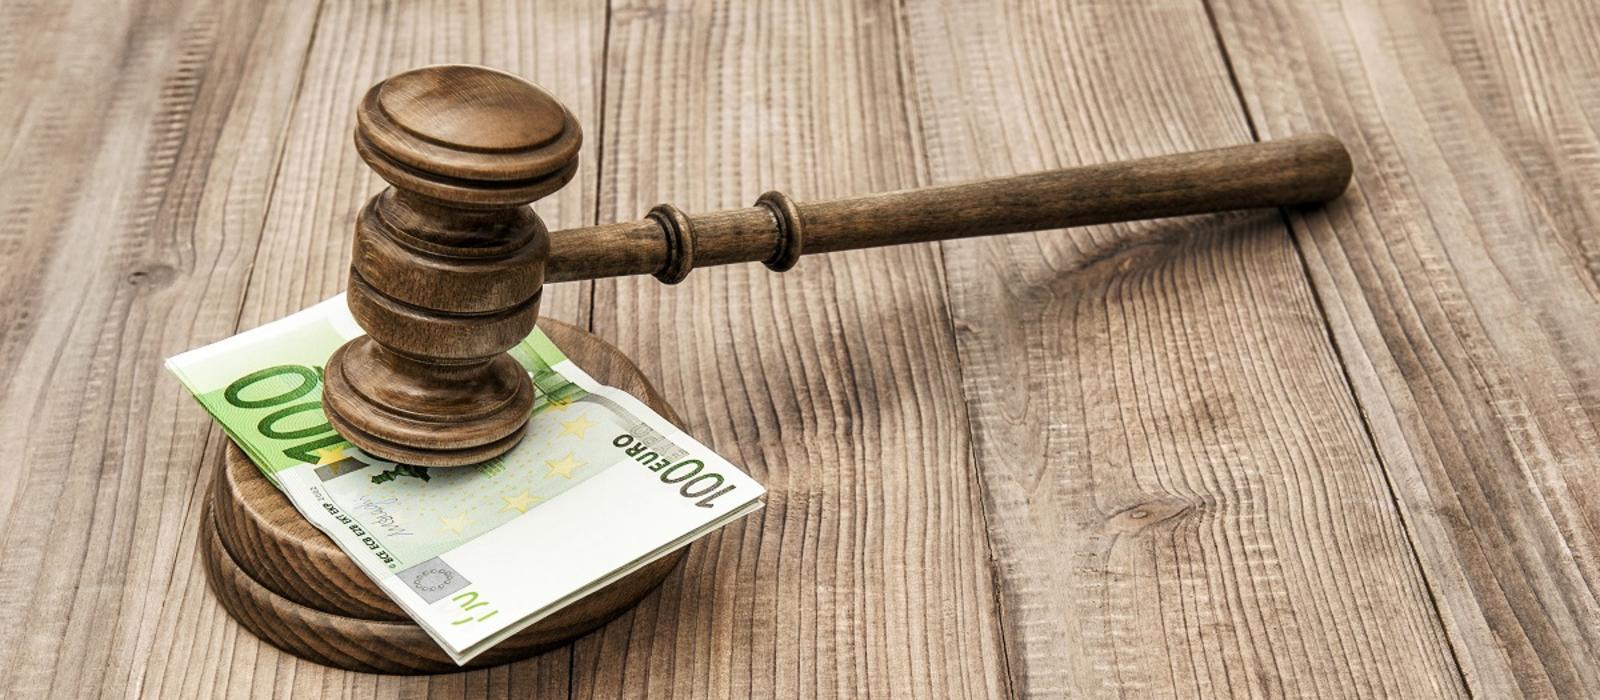 Αλλάζει ο τρόπος εκπροσώπησης του Δημοσίου στις δίκες για τα υπερχρεωμένα νοικοκυριά